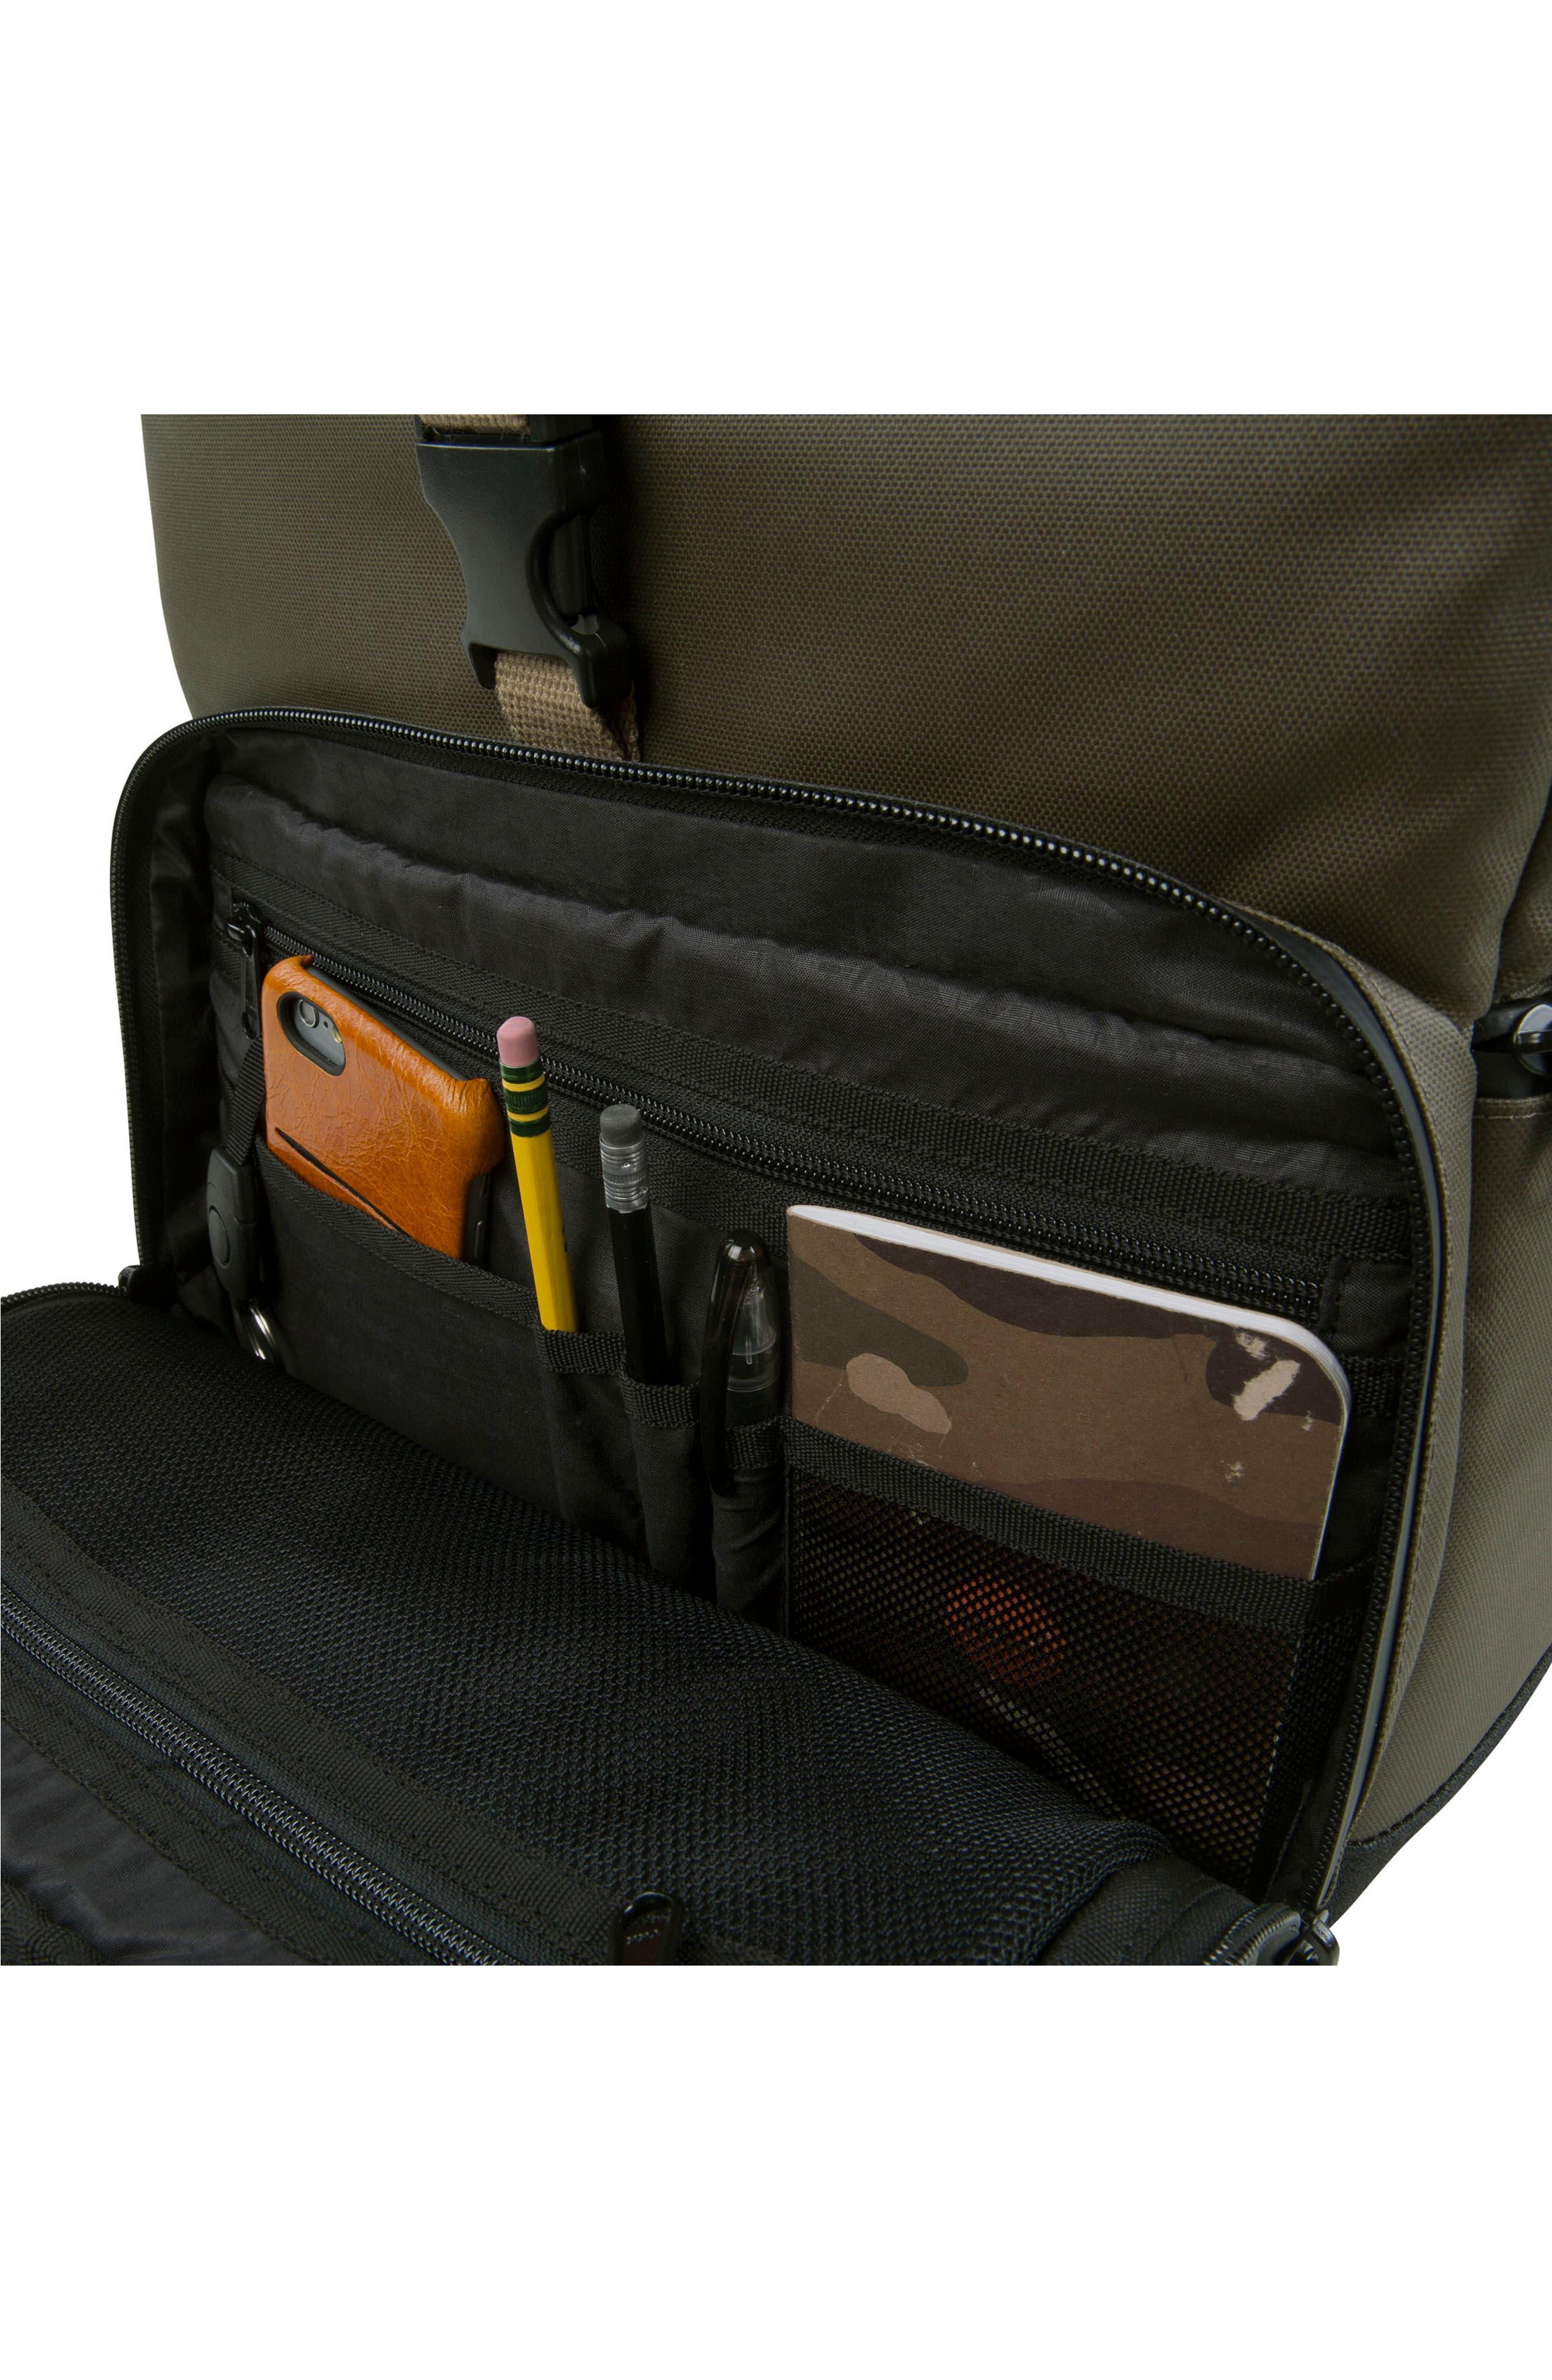 DSLR Camera Backpack,                             Alternate thumbnail 3, color,                             Olive